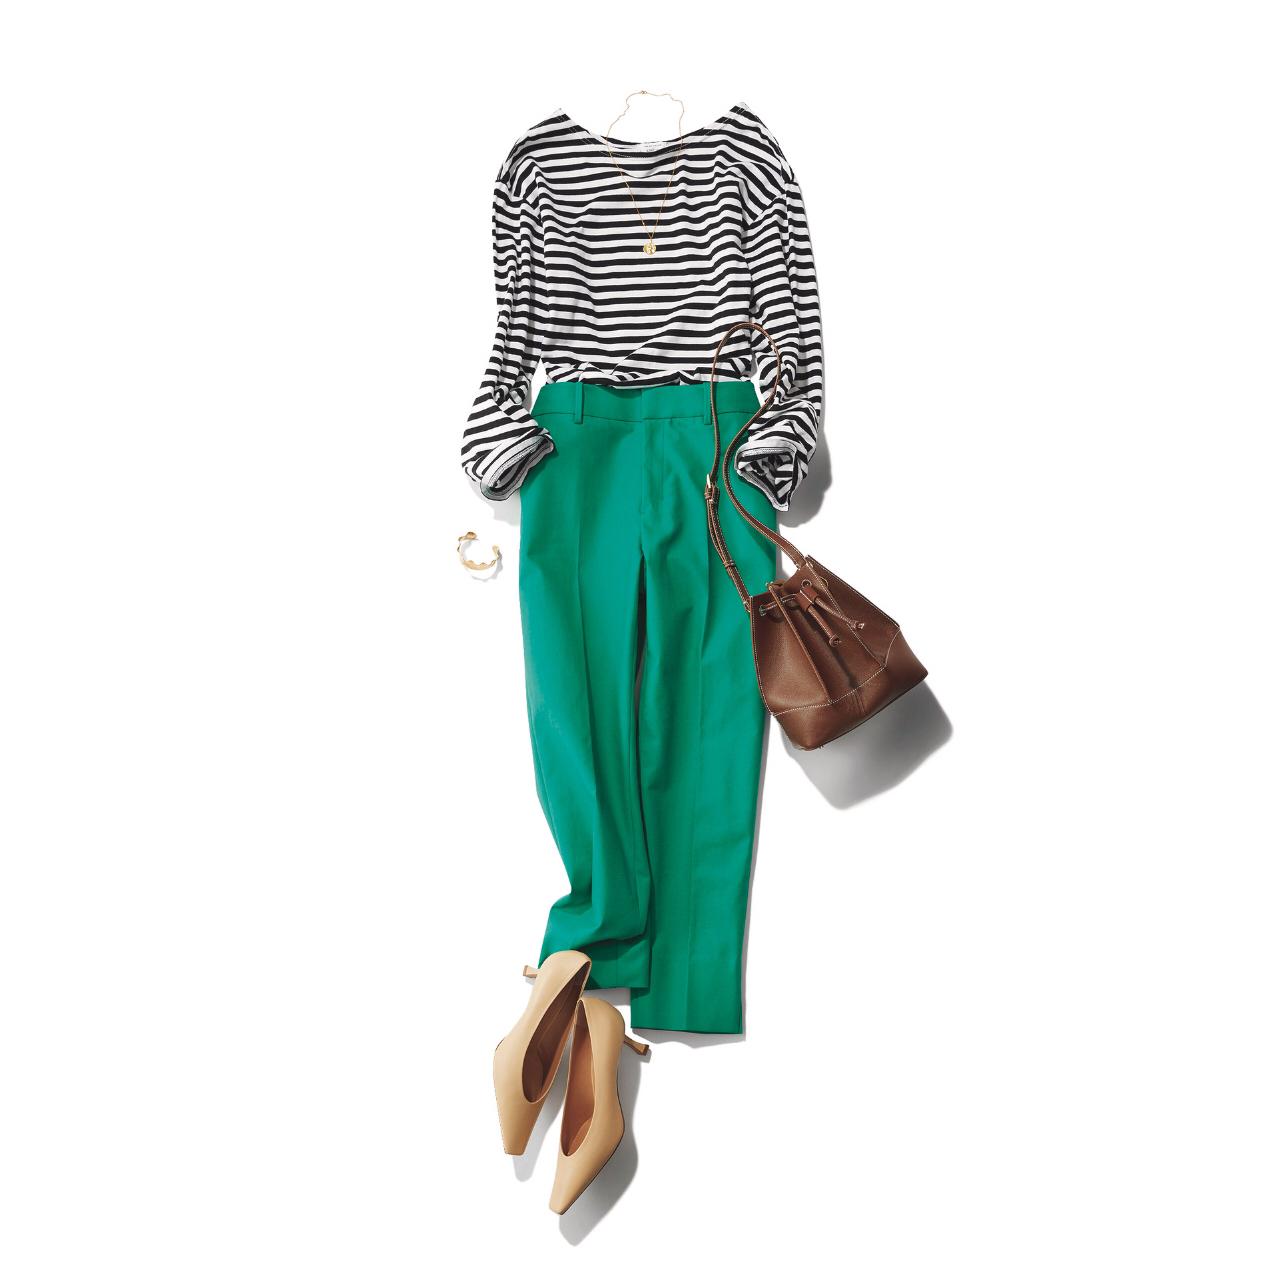 この春、きれい色を楽しむなら「カラーパンツ」がマスト! 40代に似合うカラーパンツ総まとめ|アラフォーファッション_1_11